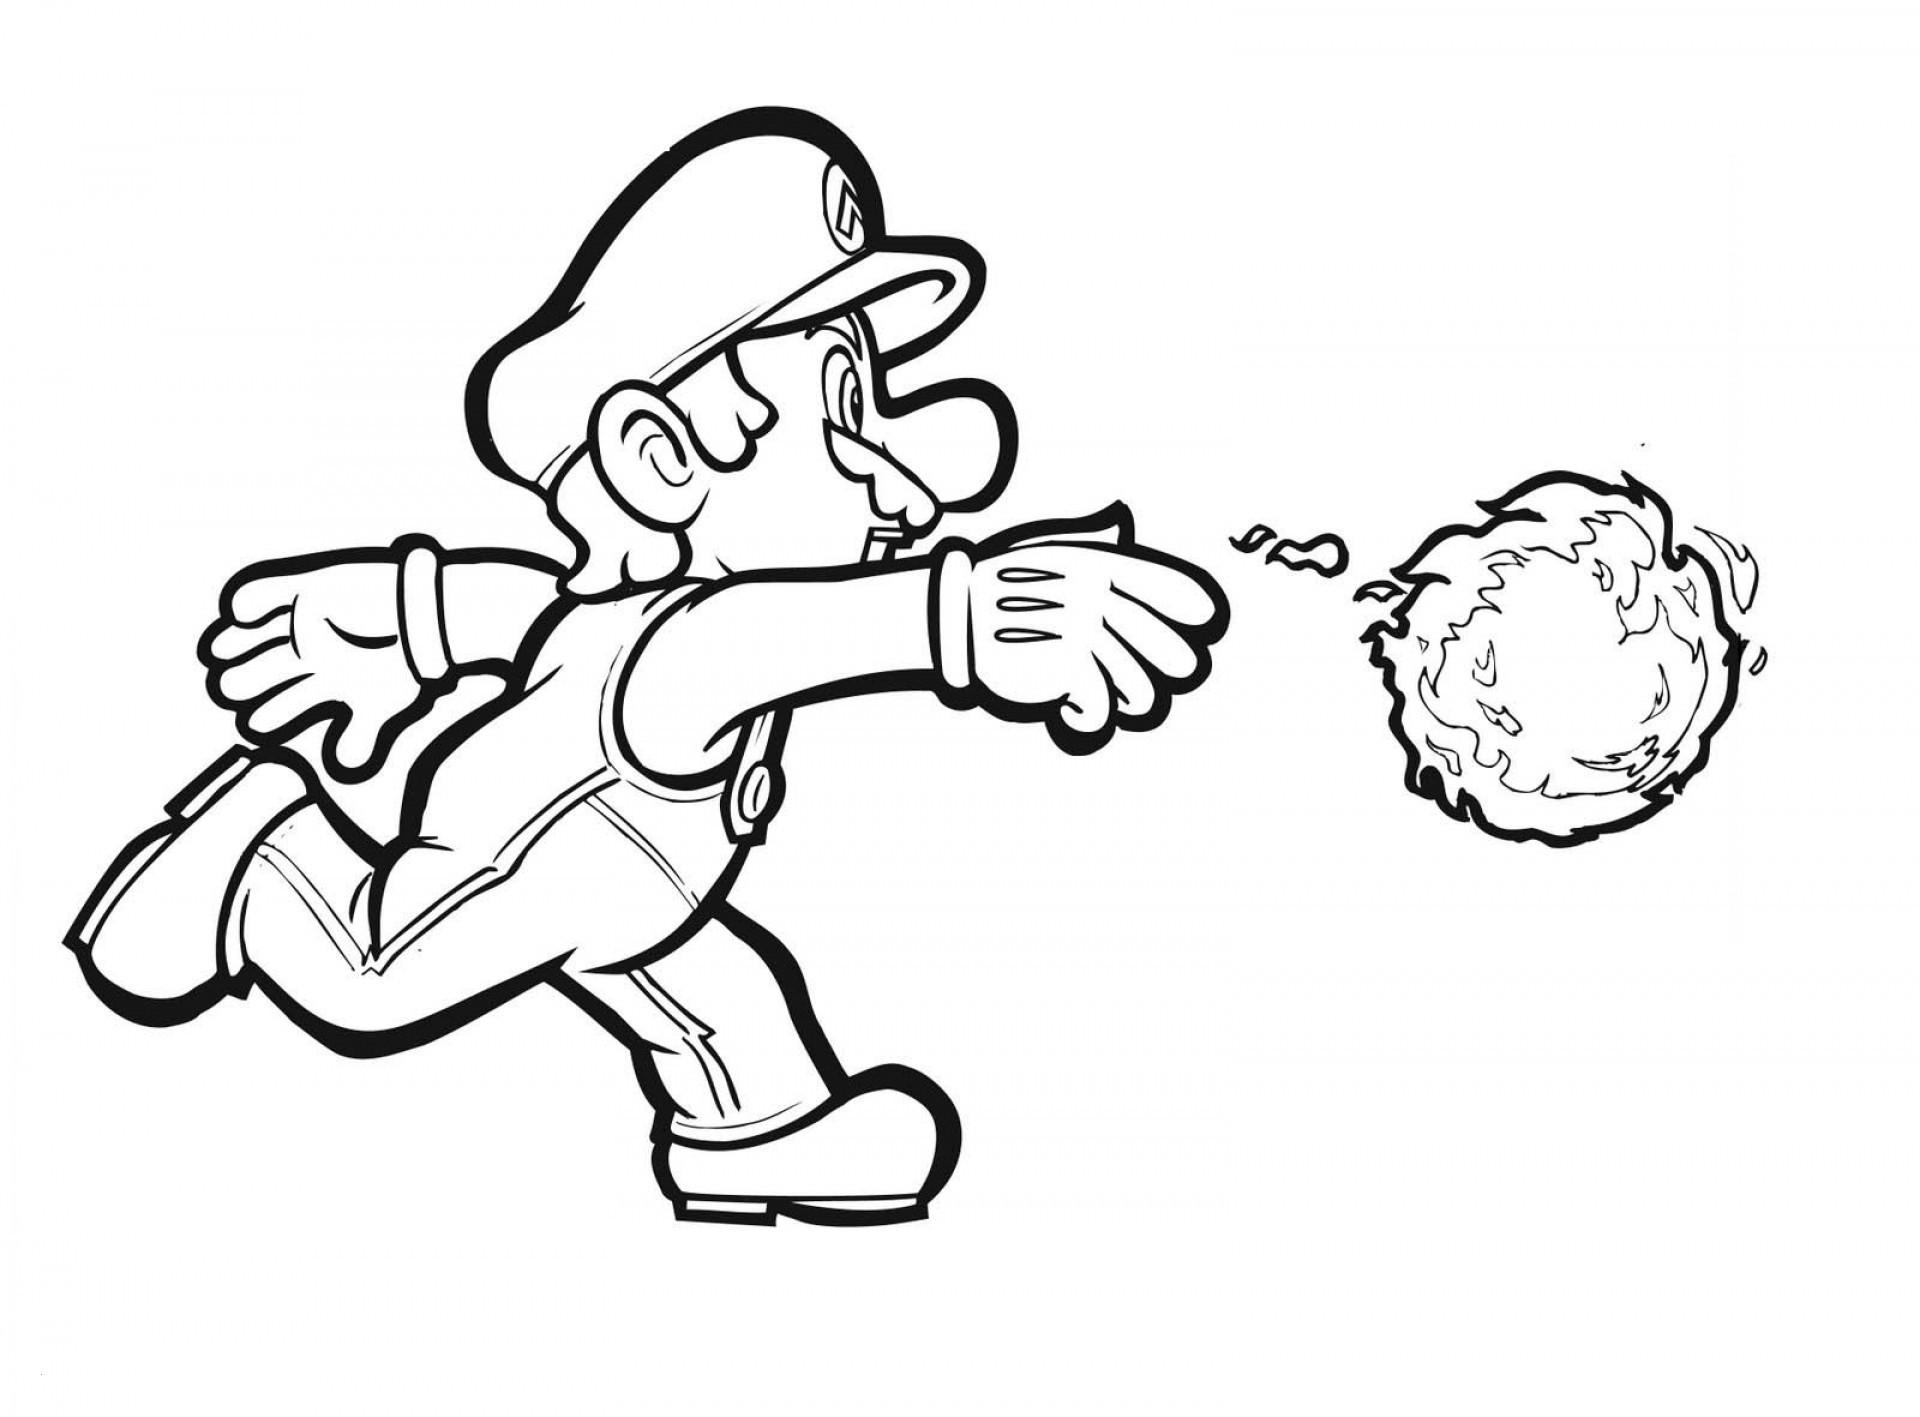 Ausmalbilder Mario Kart Genial Ausmalbilder Mario Kart 8 Uploadertalk Neu Ausmalbilder Mario Kart 8 Bilder